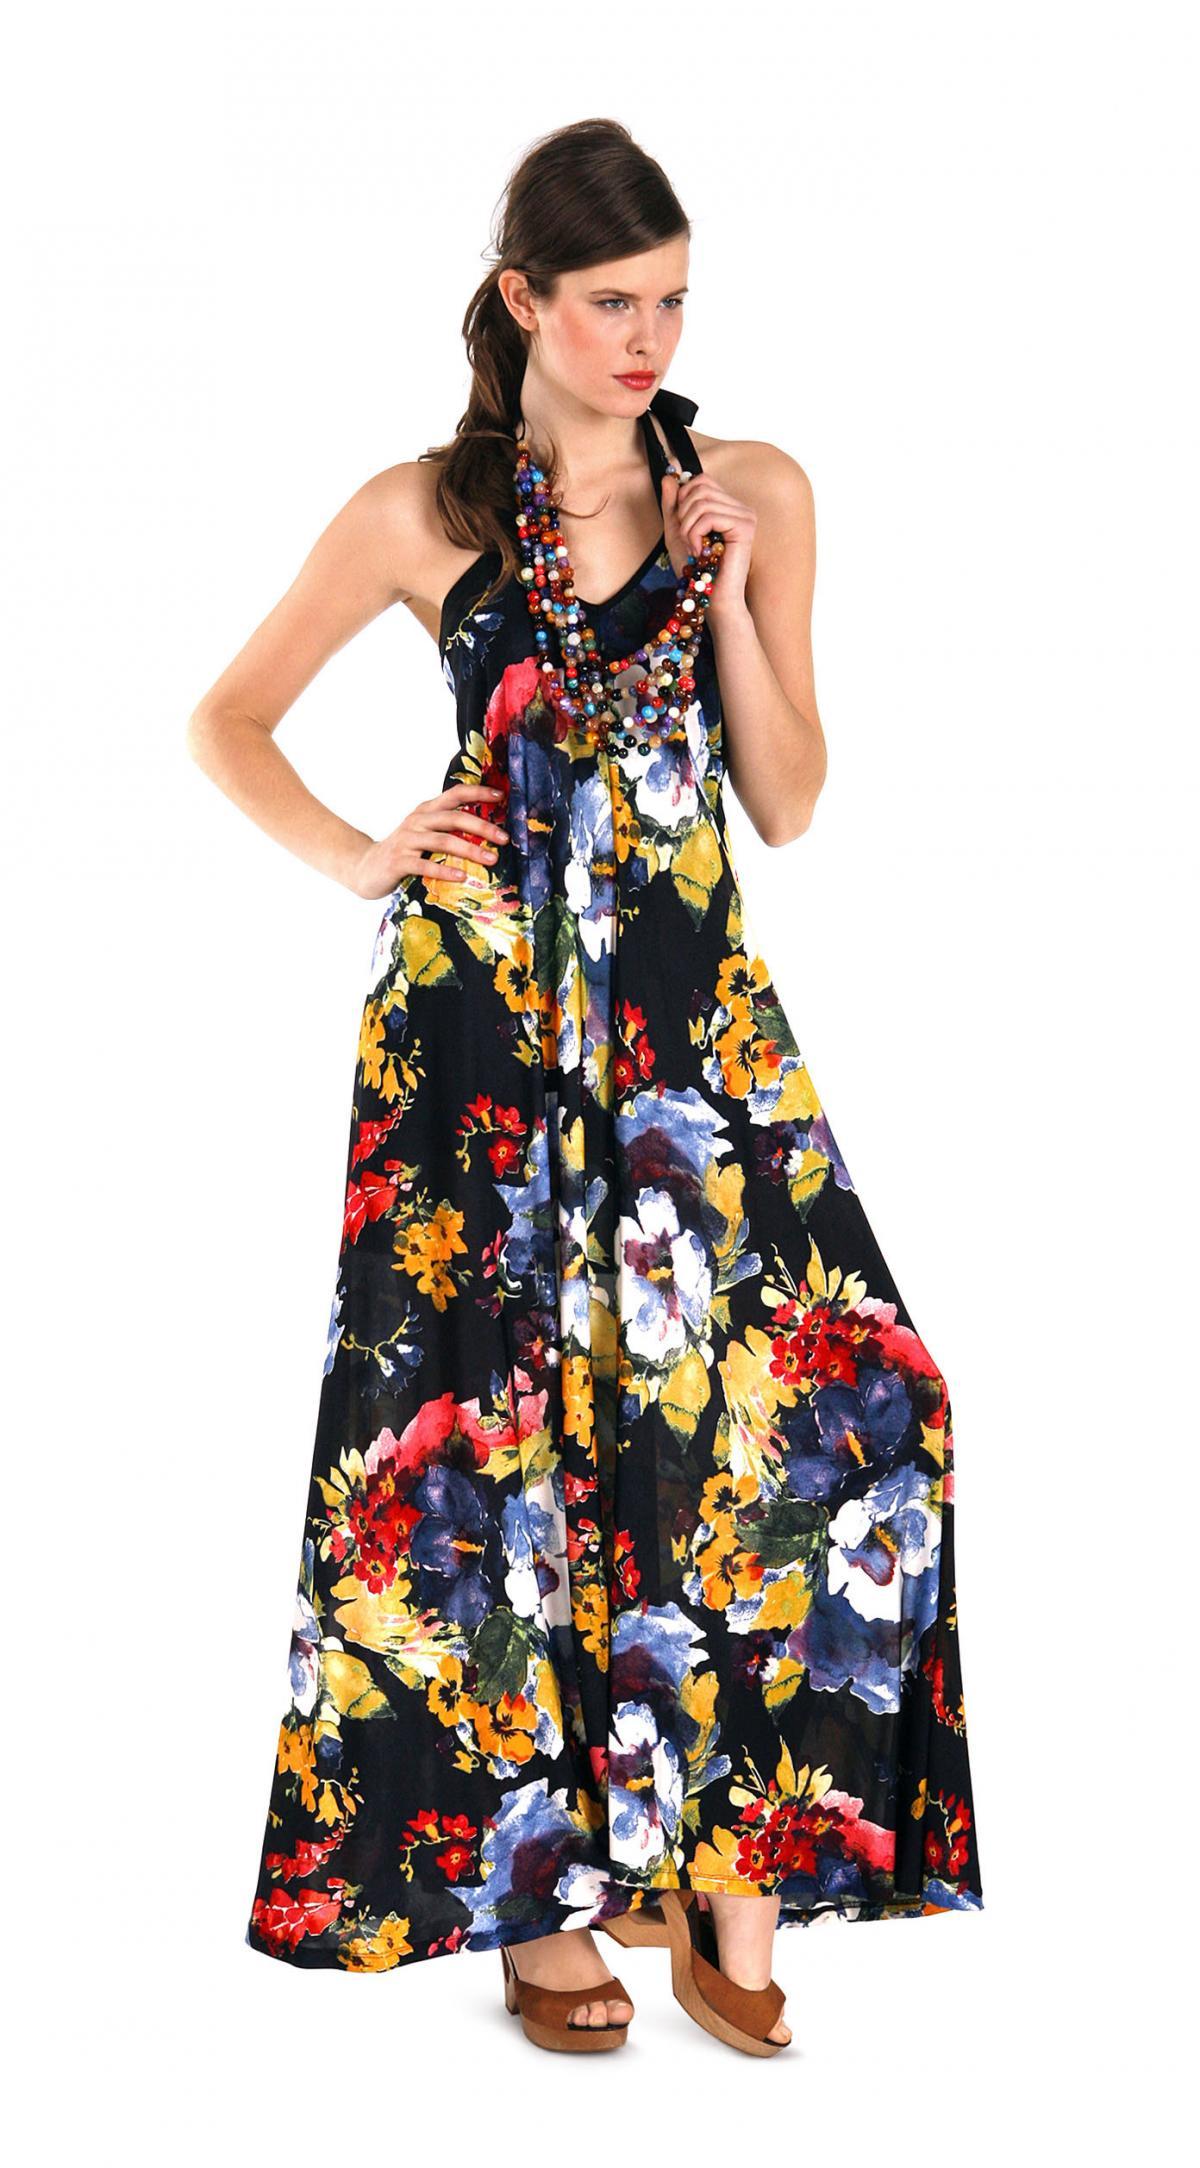 Wiosenno-letnie sukienki i spódnice Solar - Zdjęcie 22